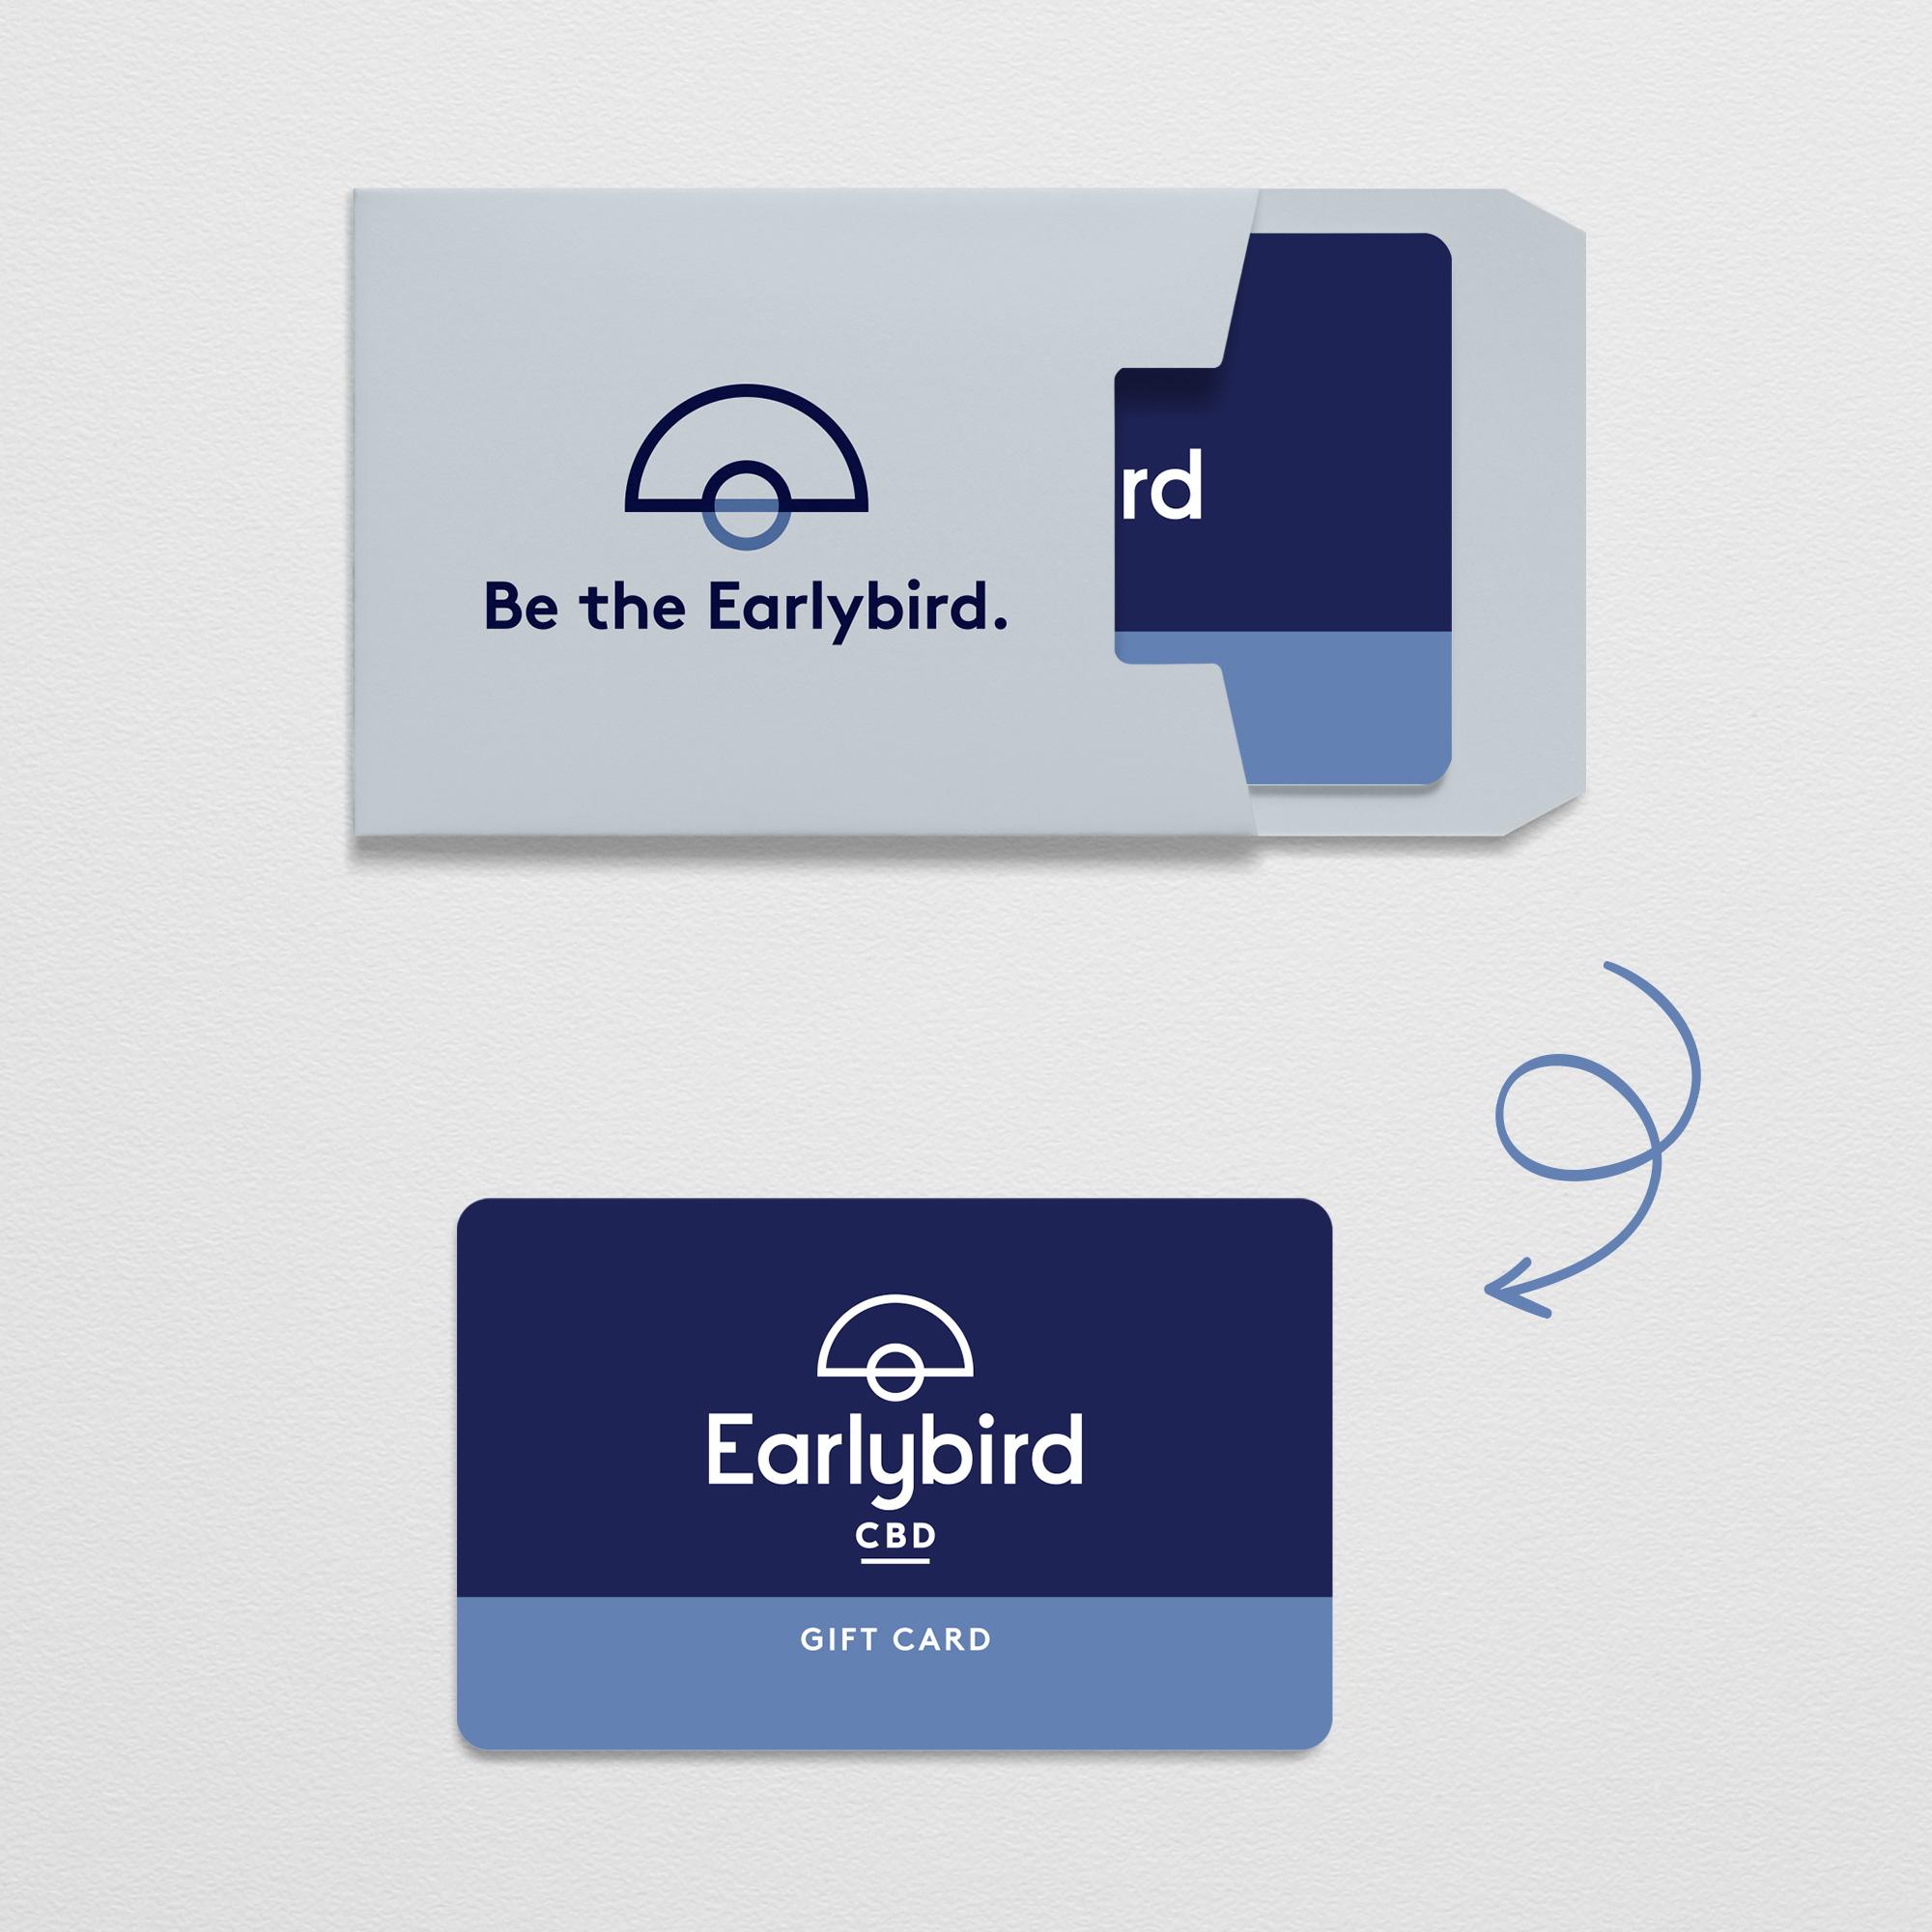 EARLYBIRDgiftcard.png